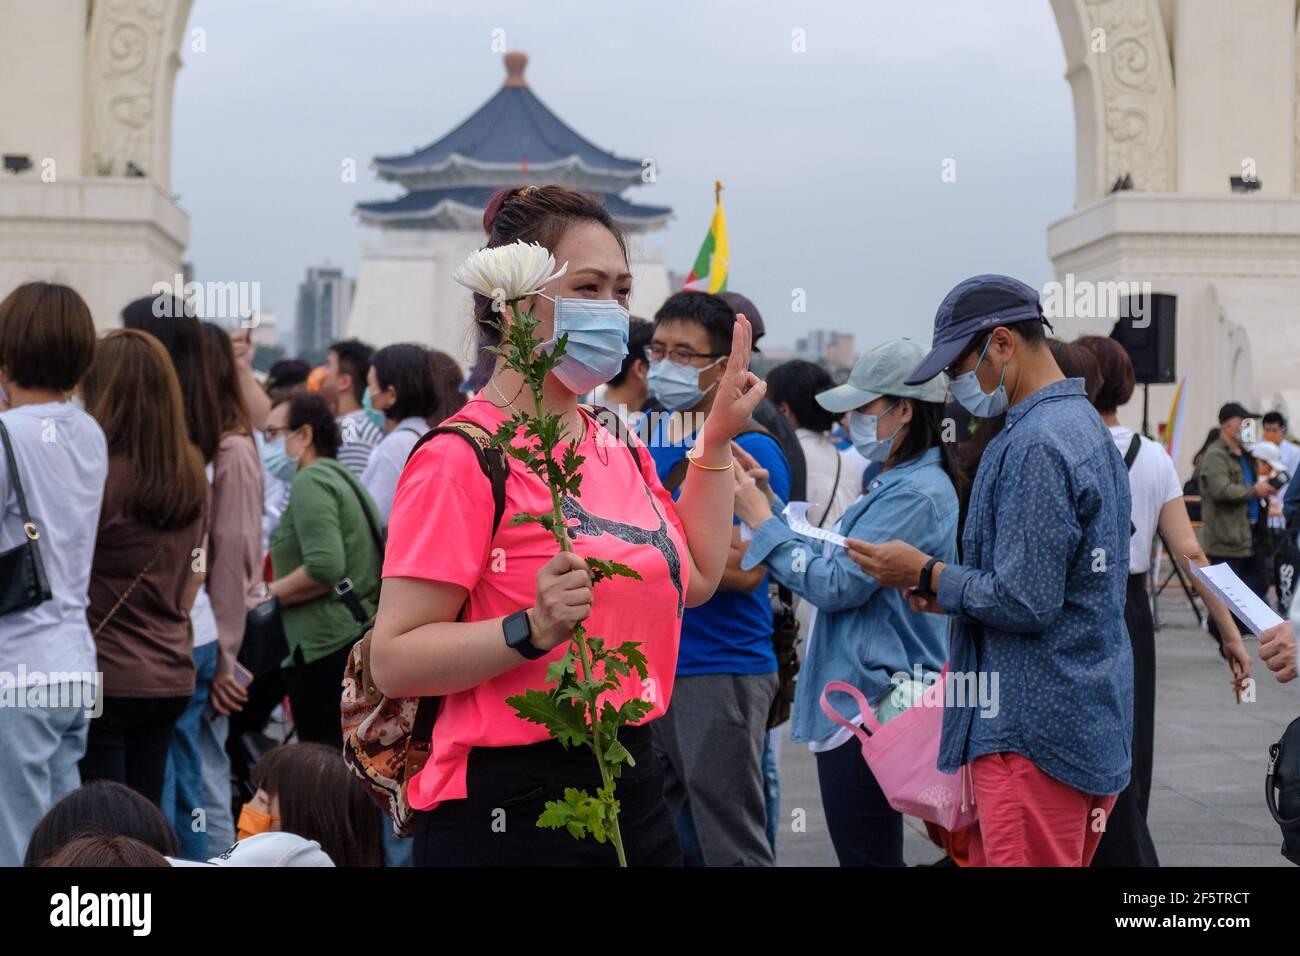 Un manifestant salue à trois doigts tout en tenant une fleur pendant la manifestation.birman vivant à Taiwan avec les communautés locales rassemblées sur la place de la liberté pour appeler à la fin du coup d'État militaire au Myanmar. La police et les militaires du Myanmar (tatmadow) ont attaqué les manifestants avec des balles en caoutchouc, des munitions réelles, des gaz lacrymogènes et des bombes lacrymogènes en réponse aux manifestants anti-coup d'État militaire qui ont tué samedi au Myanmar plus de 100 personnes et en ont blessé beaucoup d'autres. Au moins 300 personnes ont été tuées au Myanmar depuis le coup d'État du 1er février, a déclaré un responsable des droits de l'homme de l'ONU. Myanmar Banque D'Images